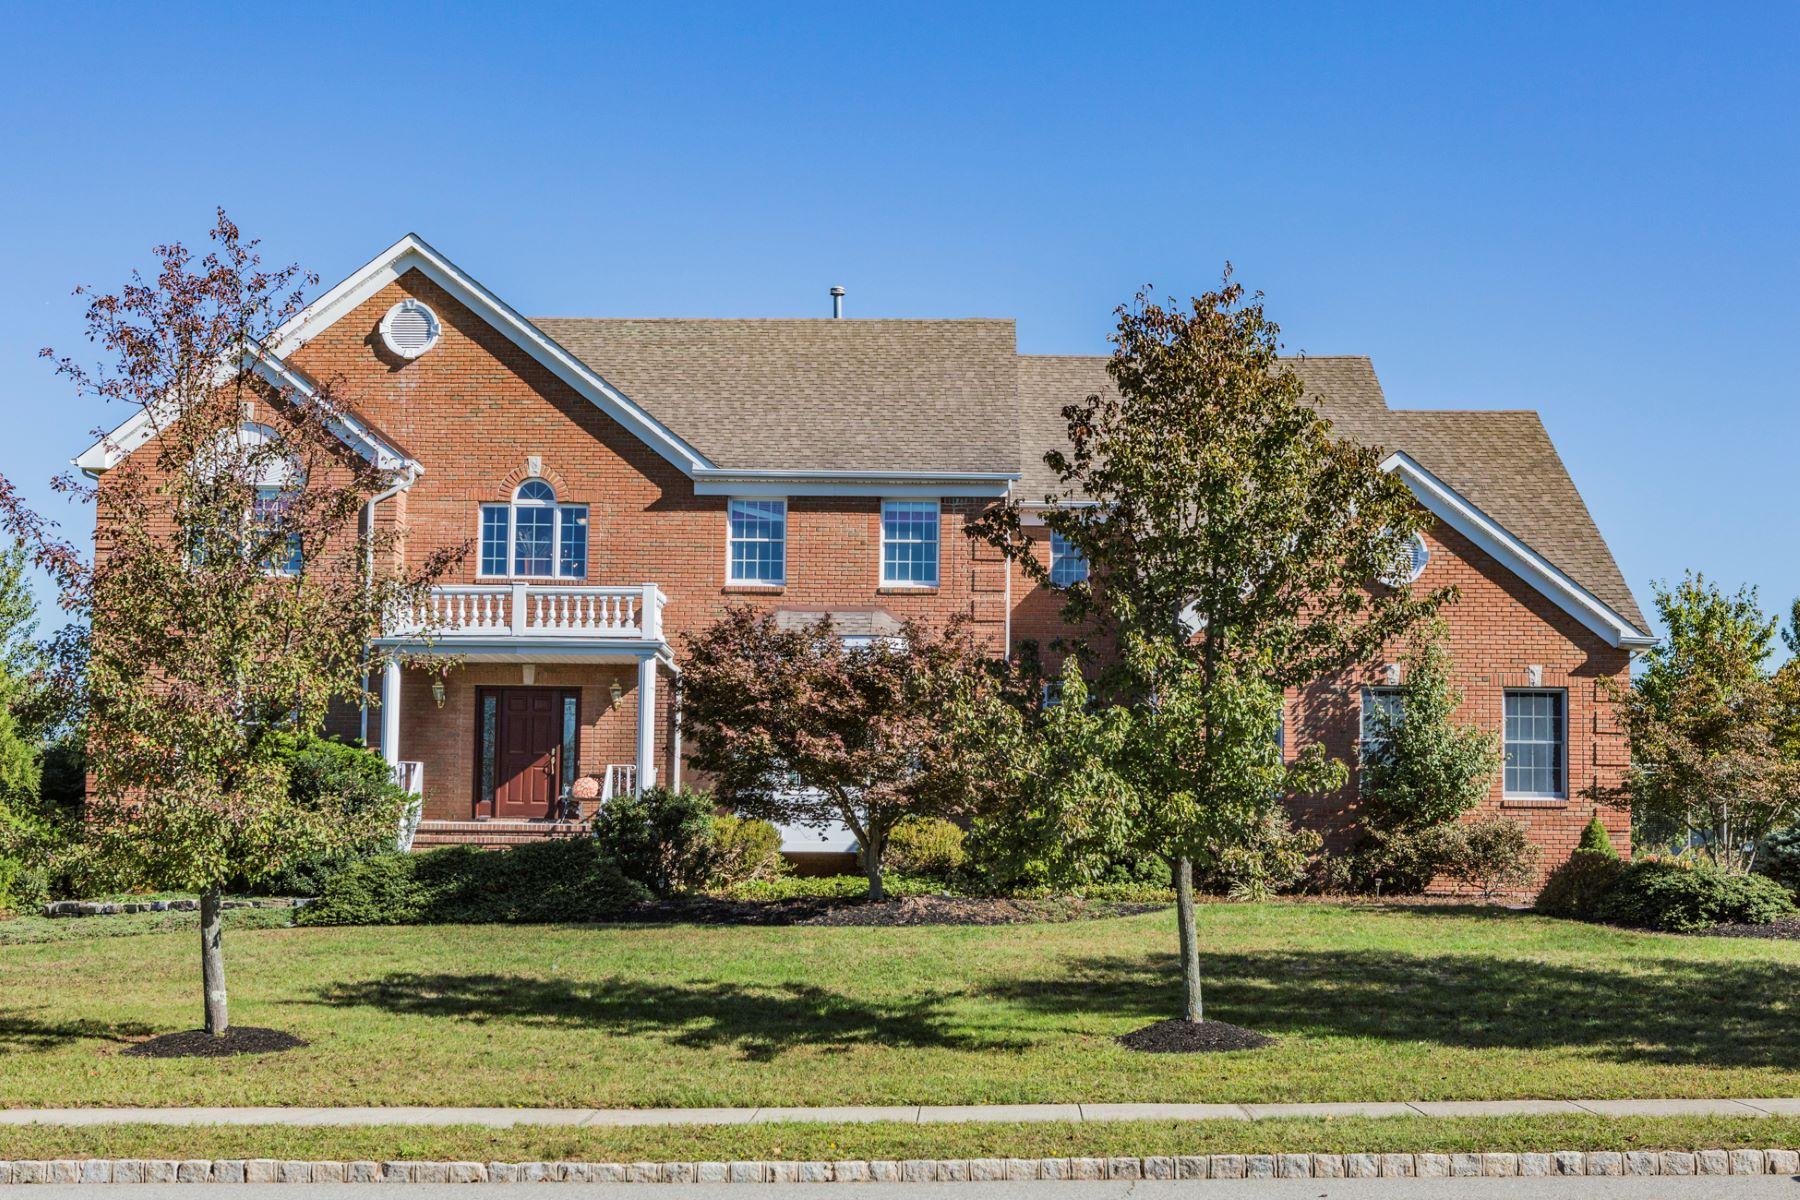 独户住宅 为 销售 在 Harmonious Floor Plan - Montgomery Township 60 Hills Drive Belle Mead, 08502 美国